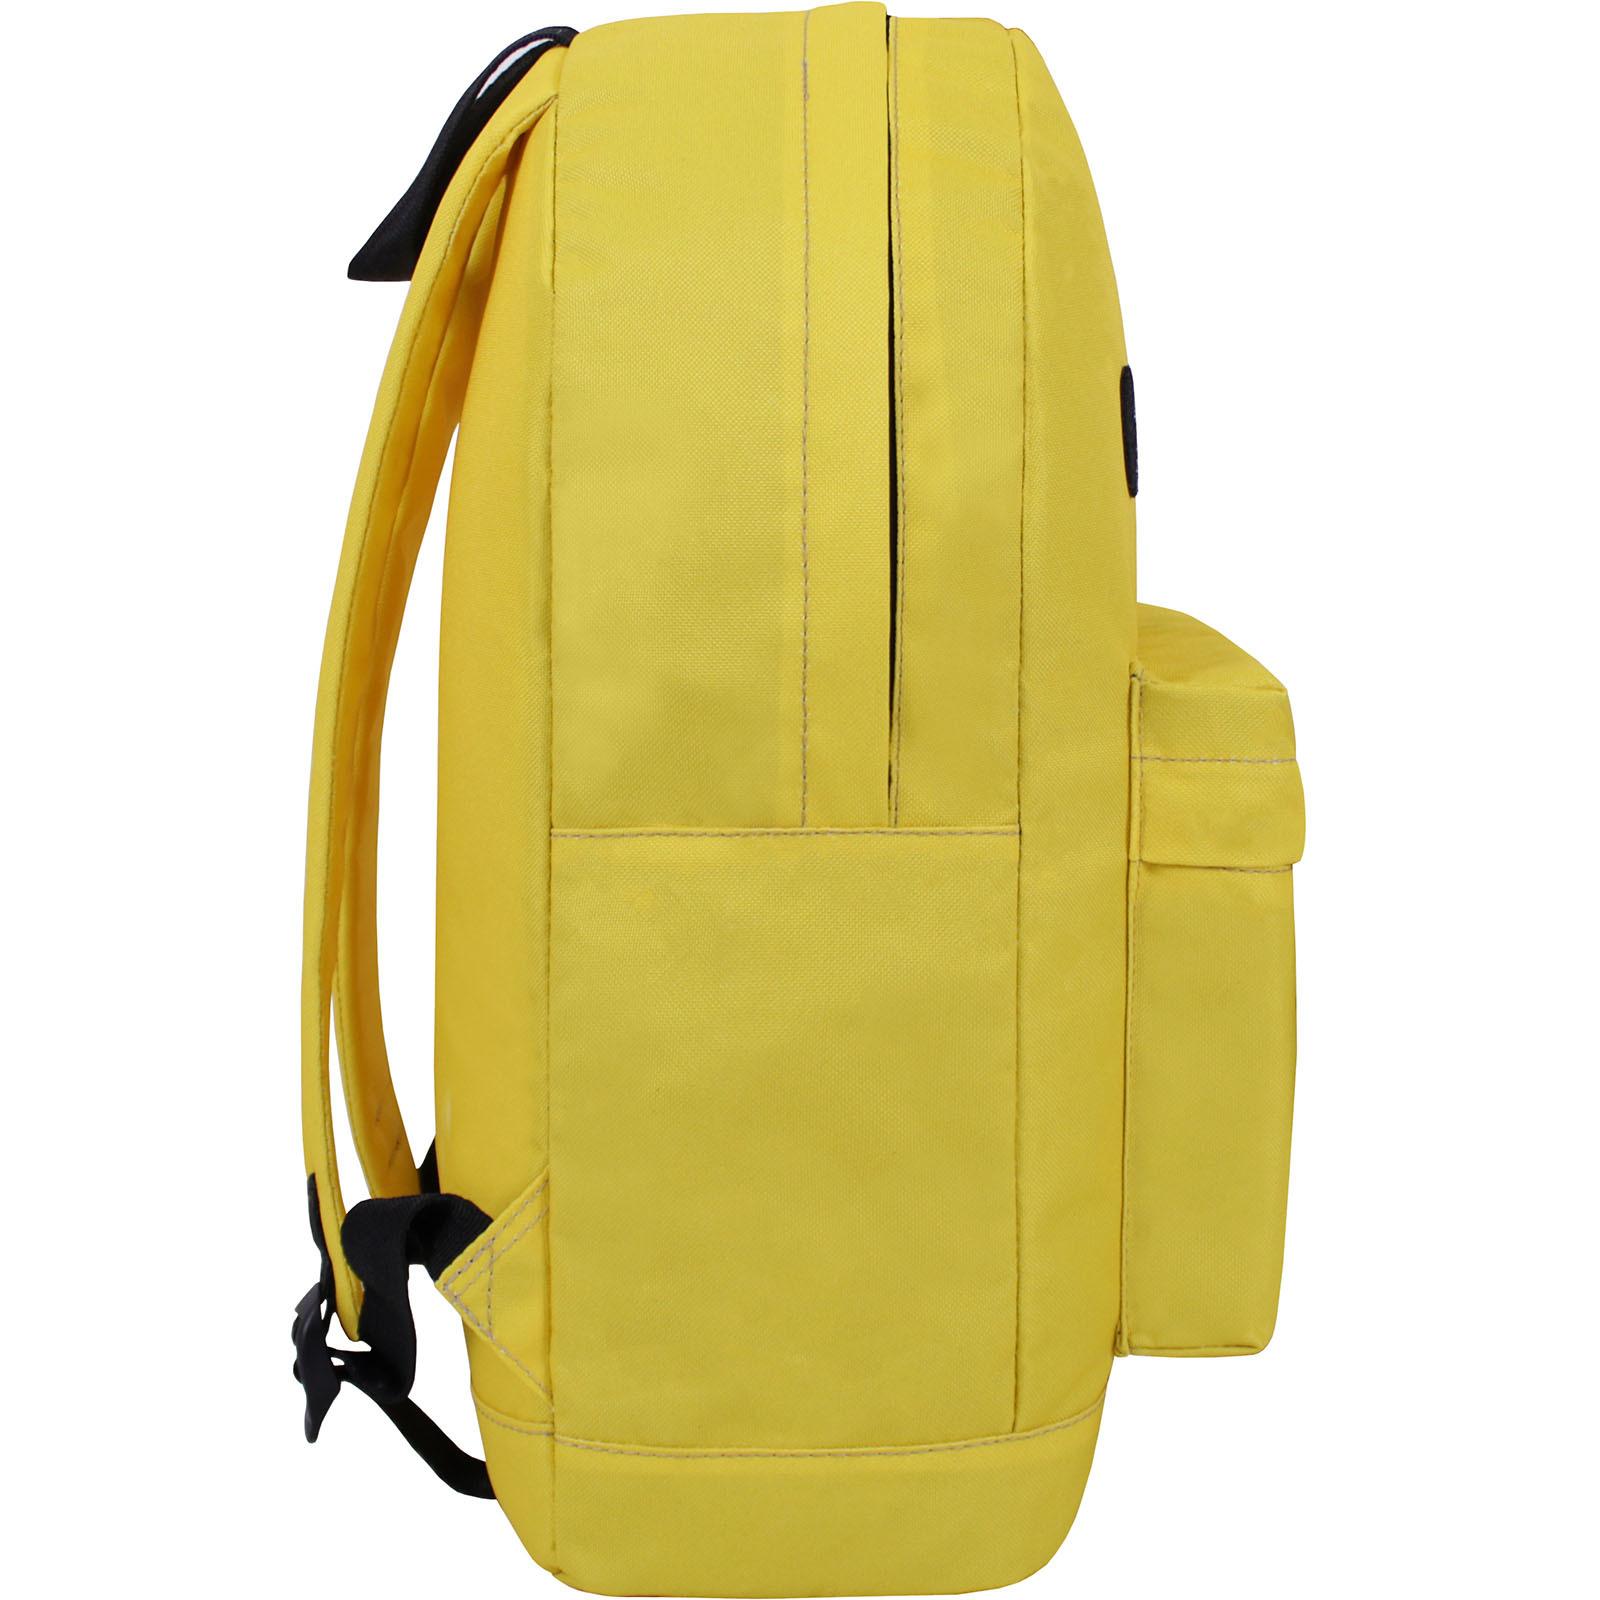 Рюкзак Bagland Молодежный W/R 17 л. Лимонный (00533664 Ш) фото 6